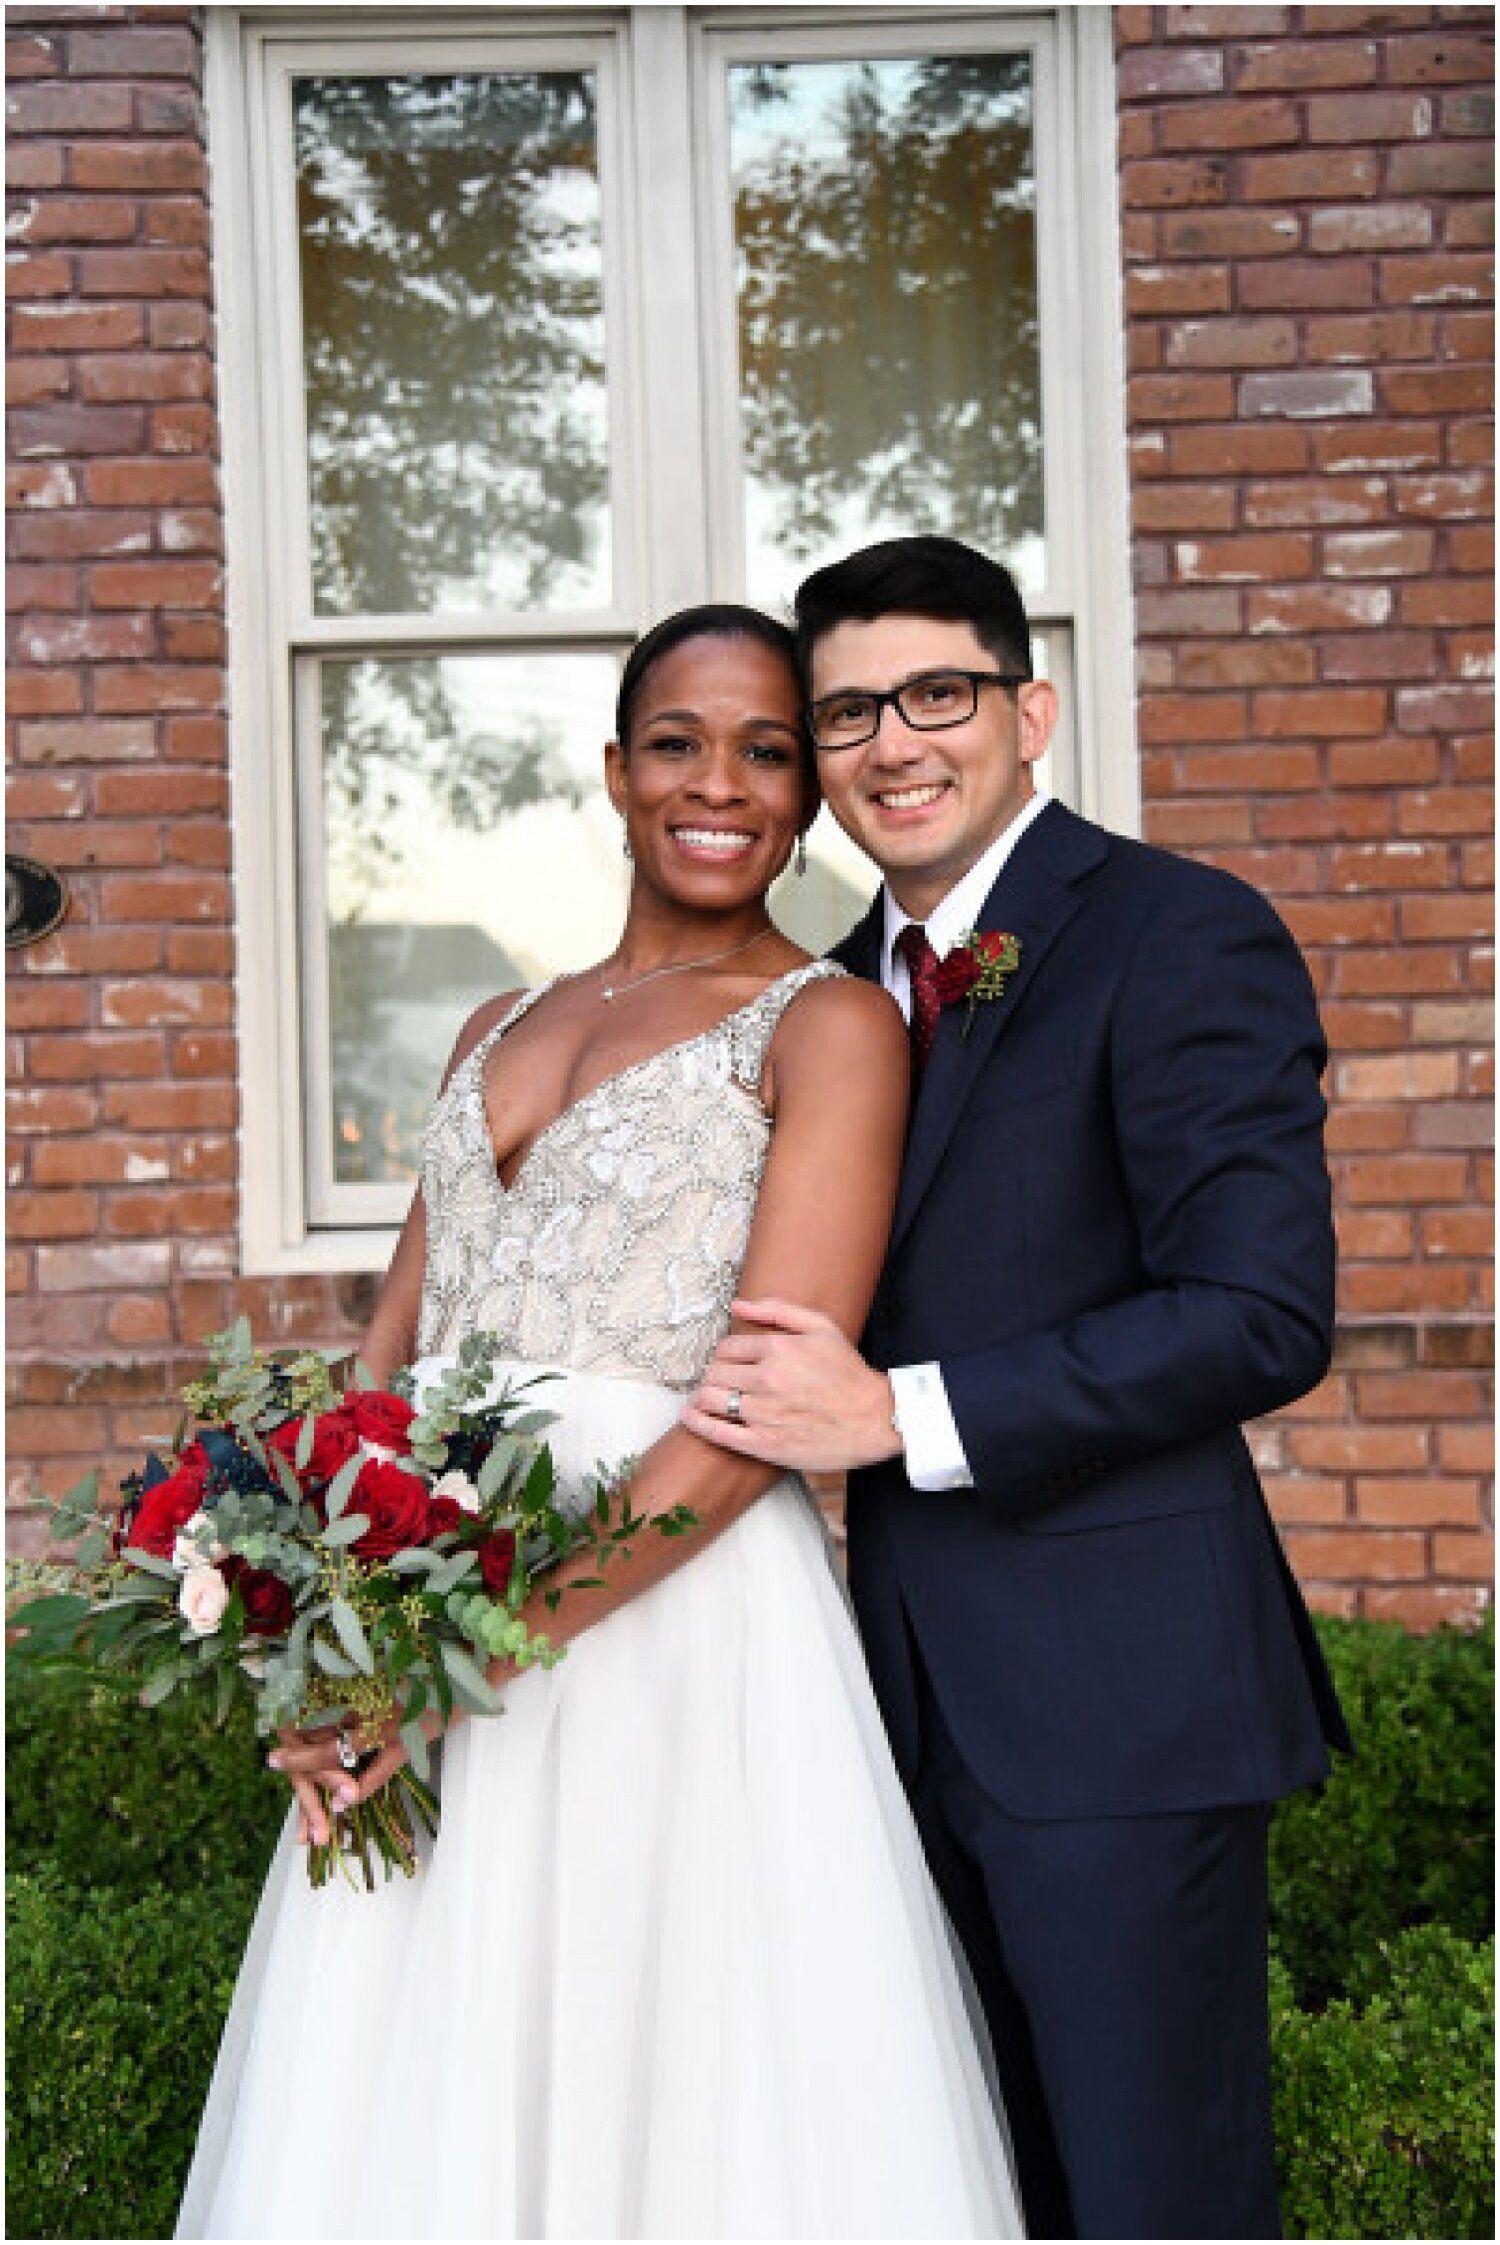 Lindsey Rickey S Station 3 Houston Wedding Something To Celebrate In 2020 Houston Wedding Texas Wedding Planner Houston Texas Wedding